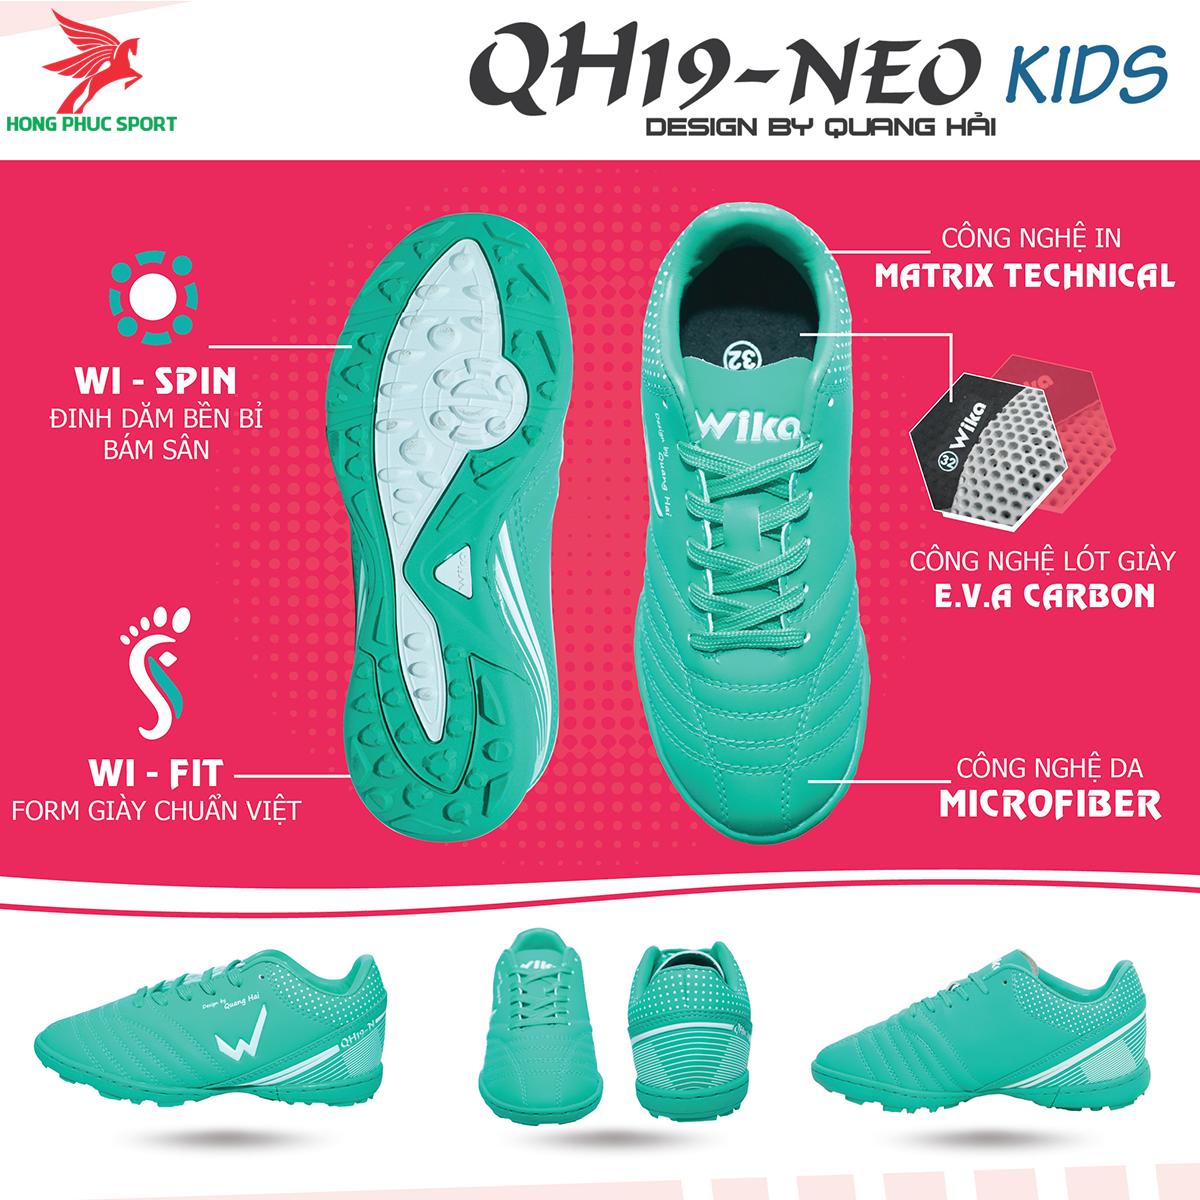 Giày đá banh Wika QH19 Neo Kids sân cỏ nhân tạo màu Xanh lam (1)